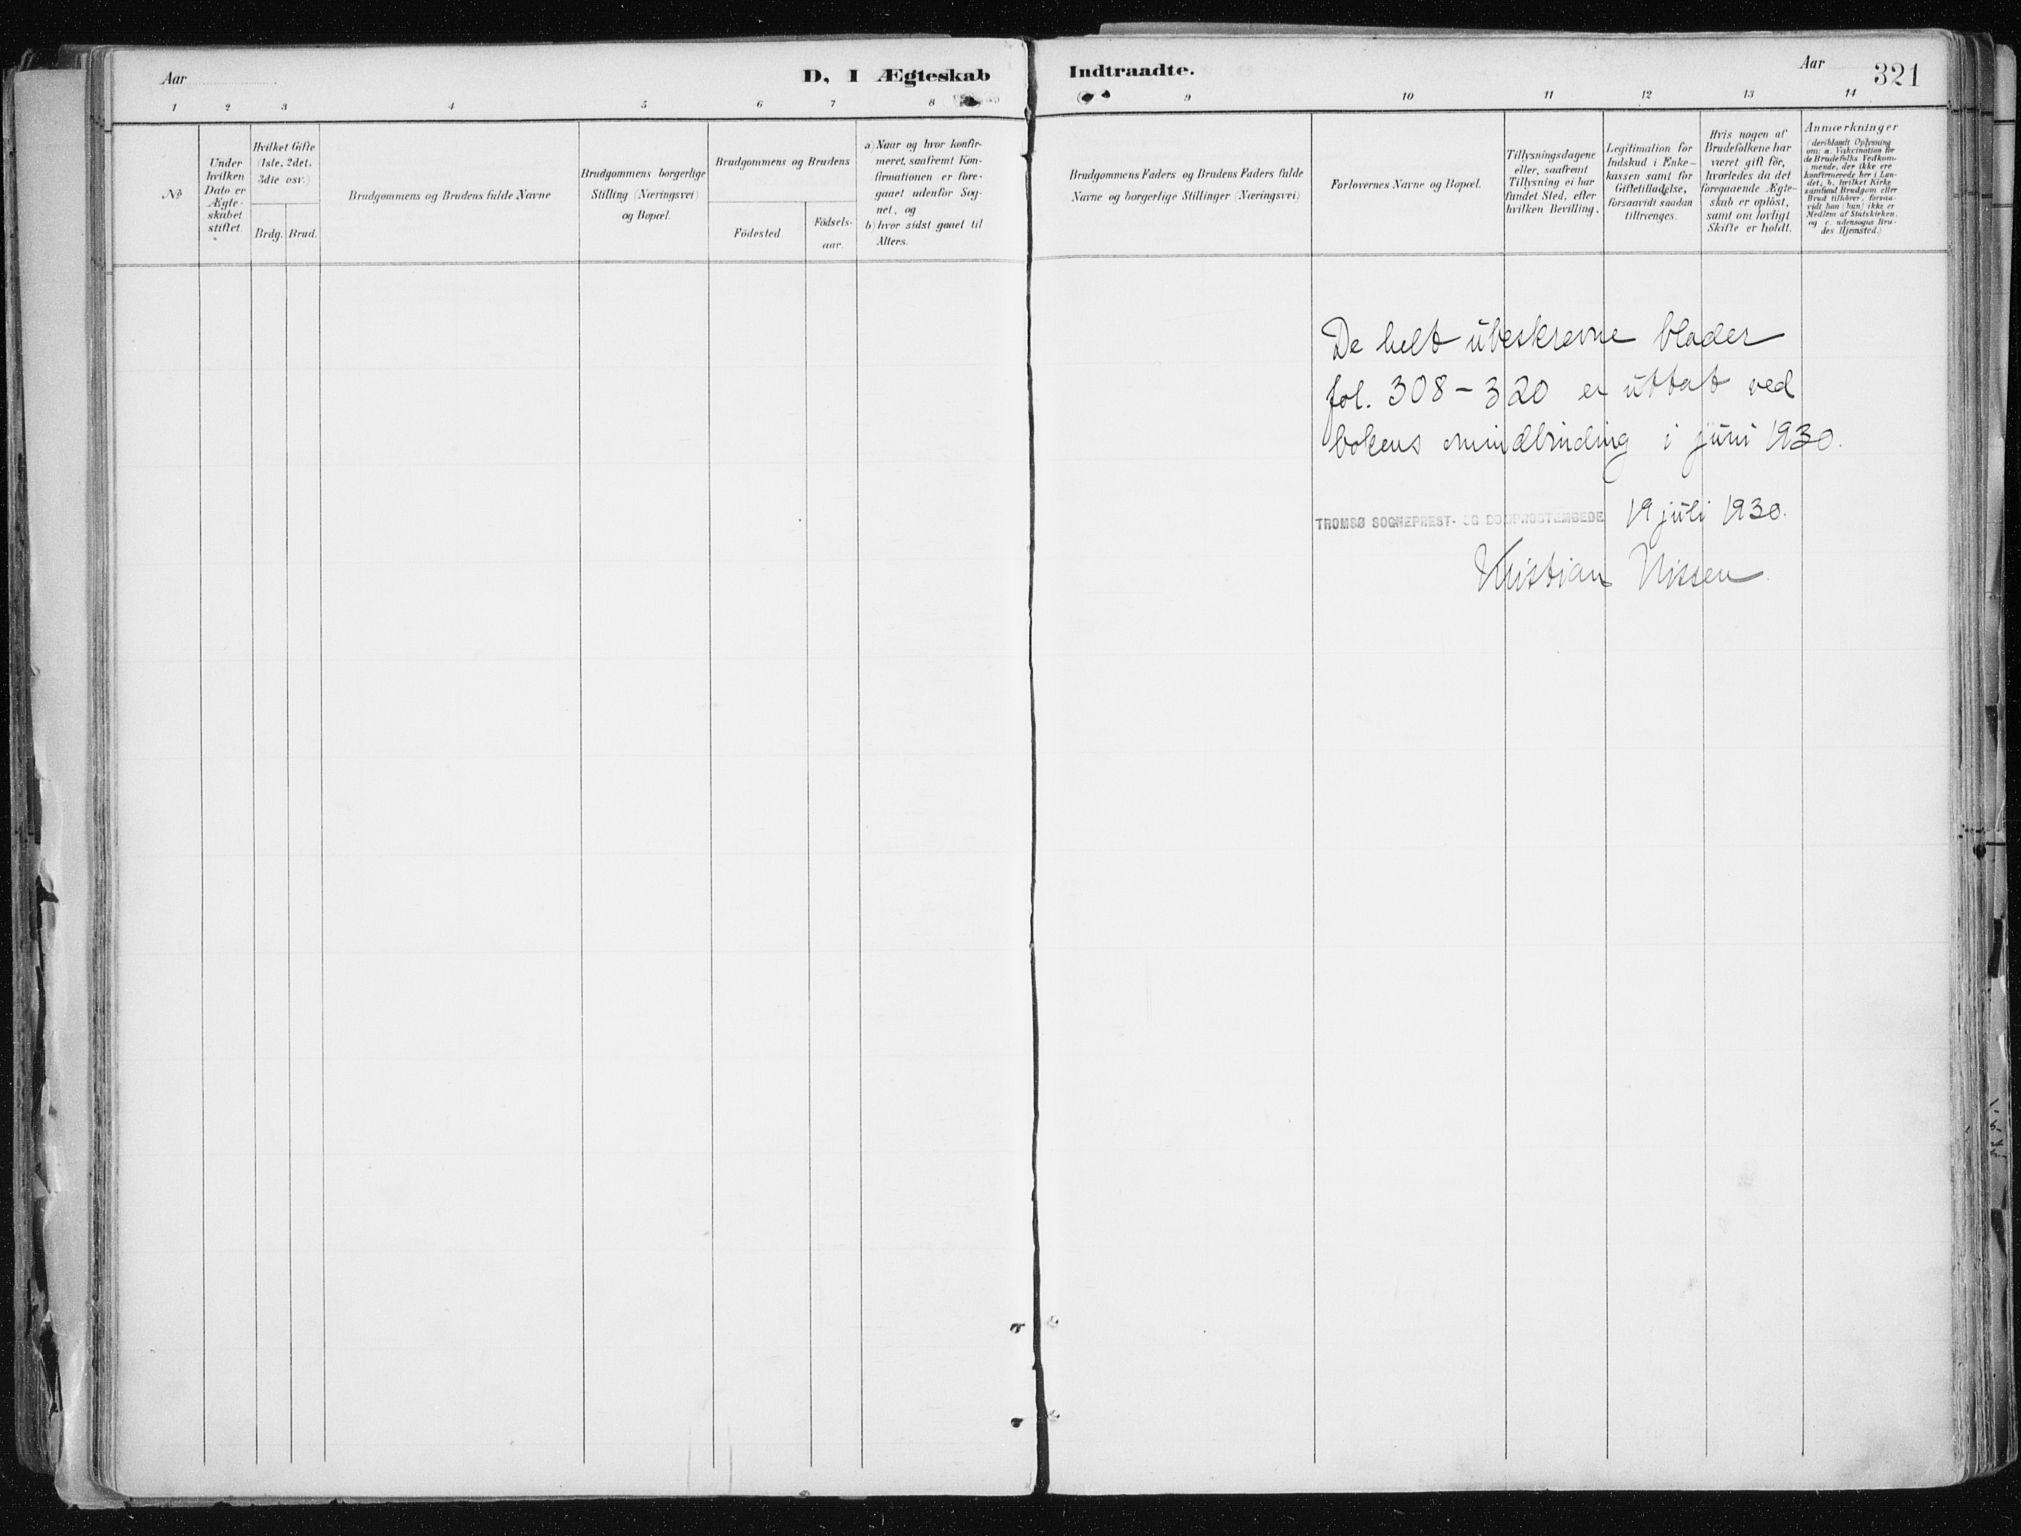 SATØ, Tromsø sokneprestkontor/stiftsprosti/domprosti, G/Ga/L0015kirke: Ministerialbok nr. 15, 1889-1899, s. 321